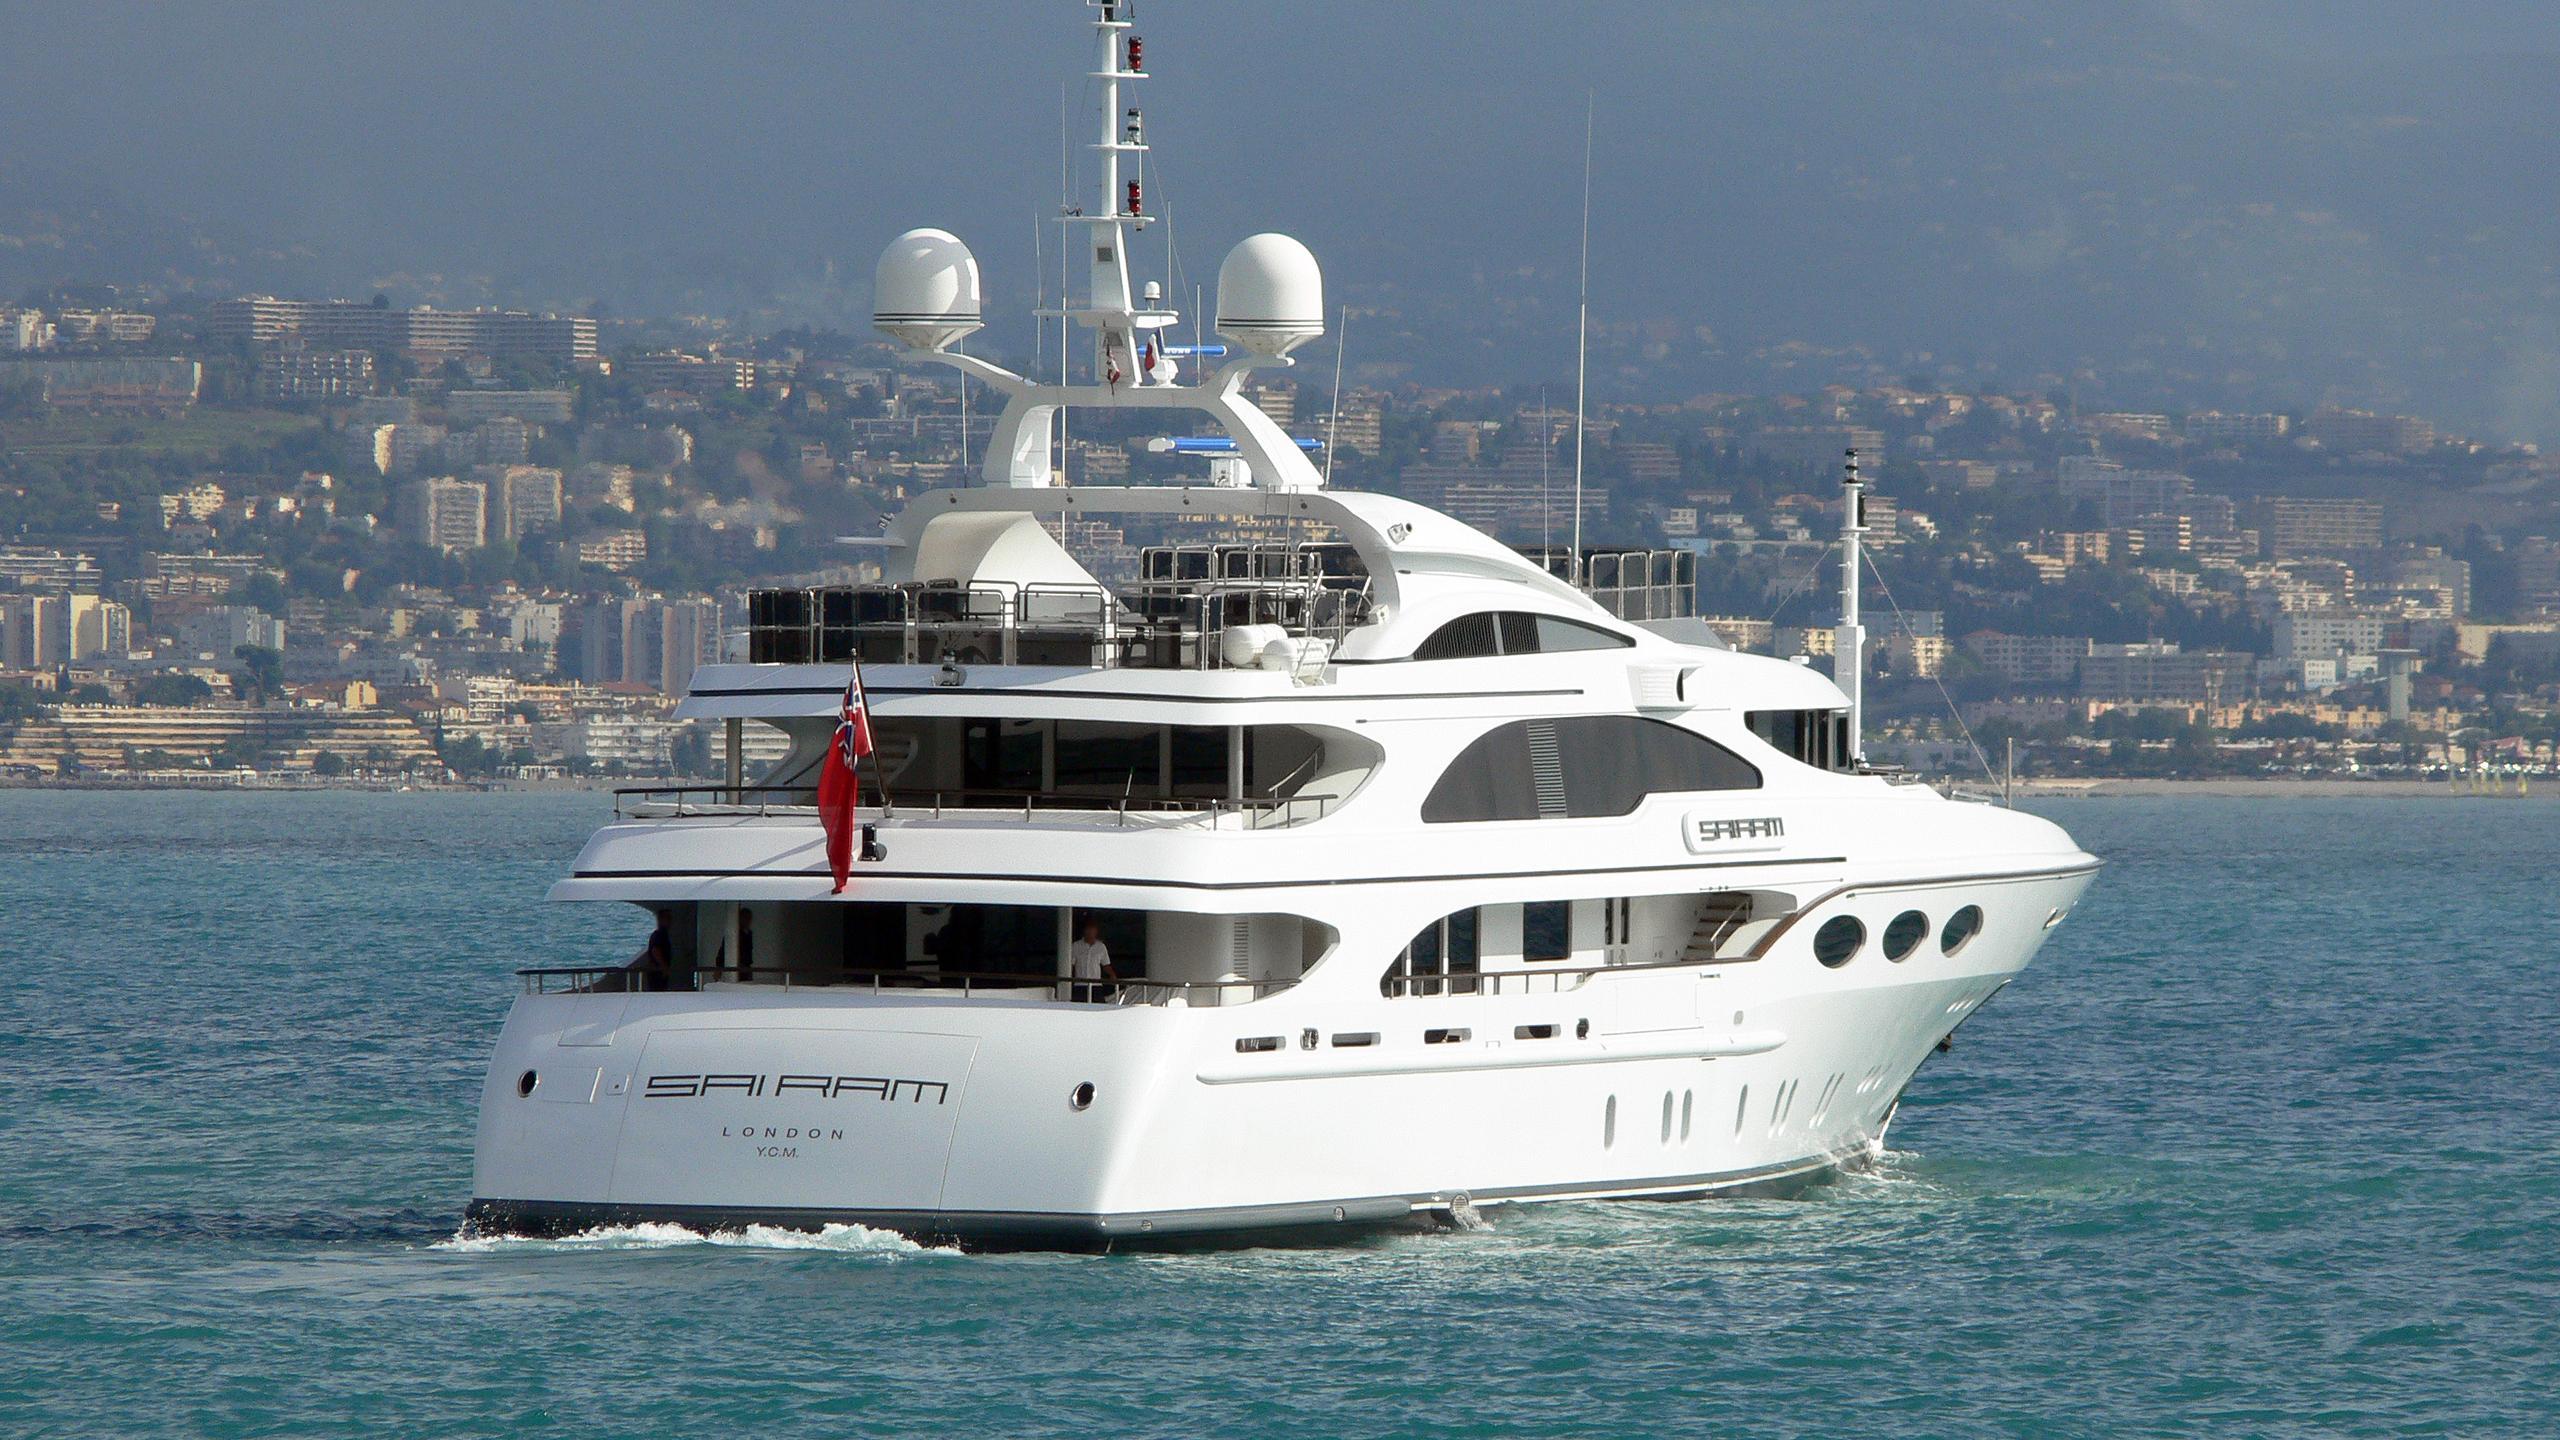 my-falcon-sai-ram-motor-yacht-benetti-2004-52m-stern